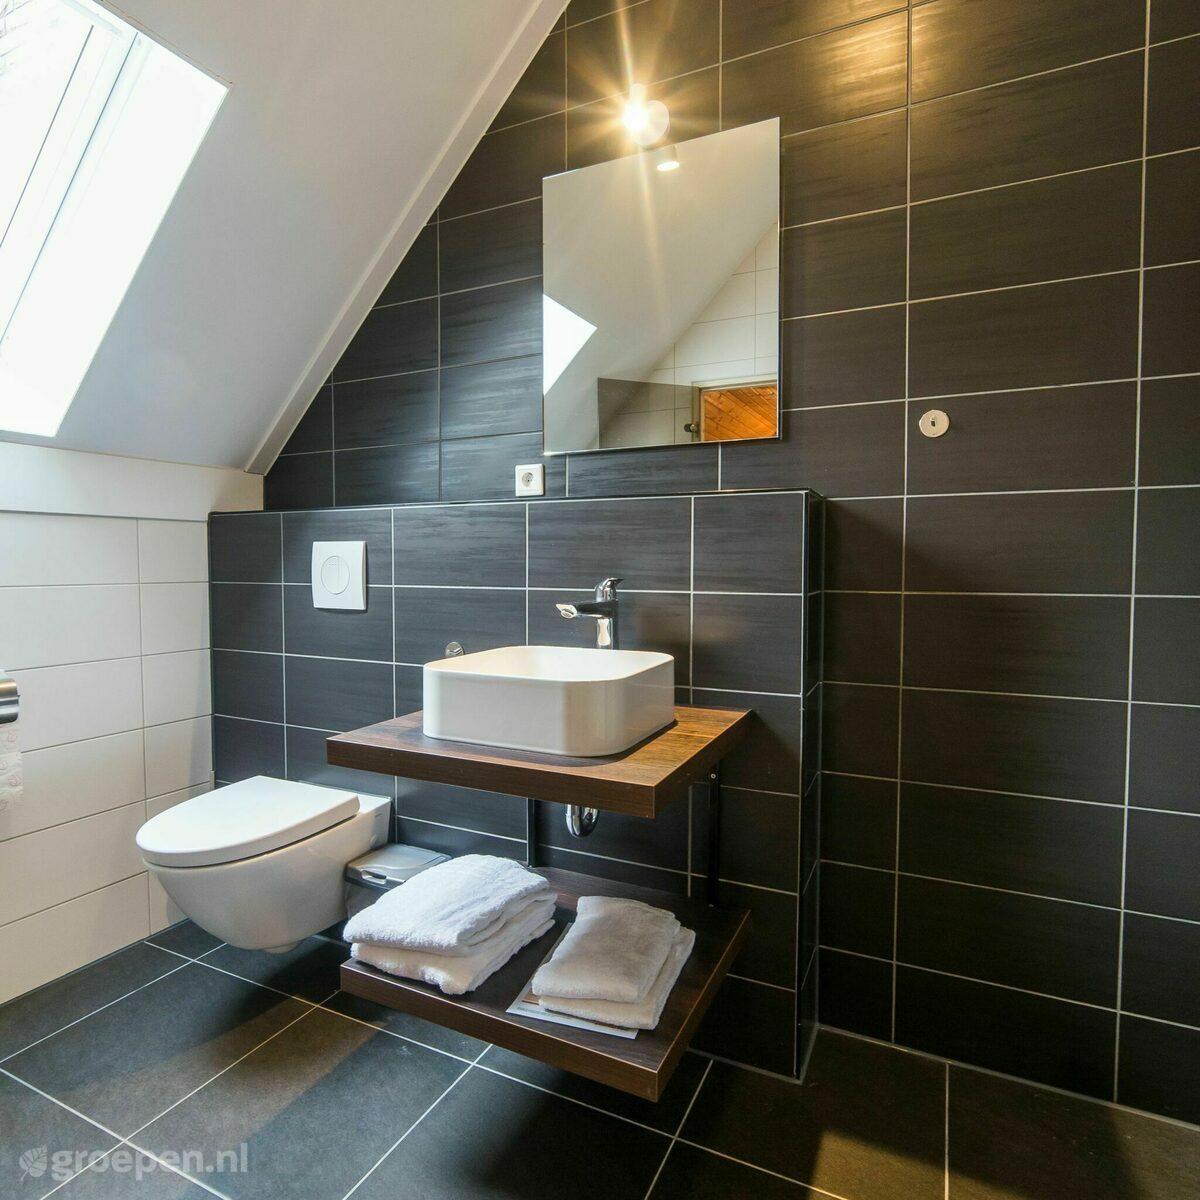 Vakantiehuis Maastricht